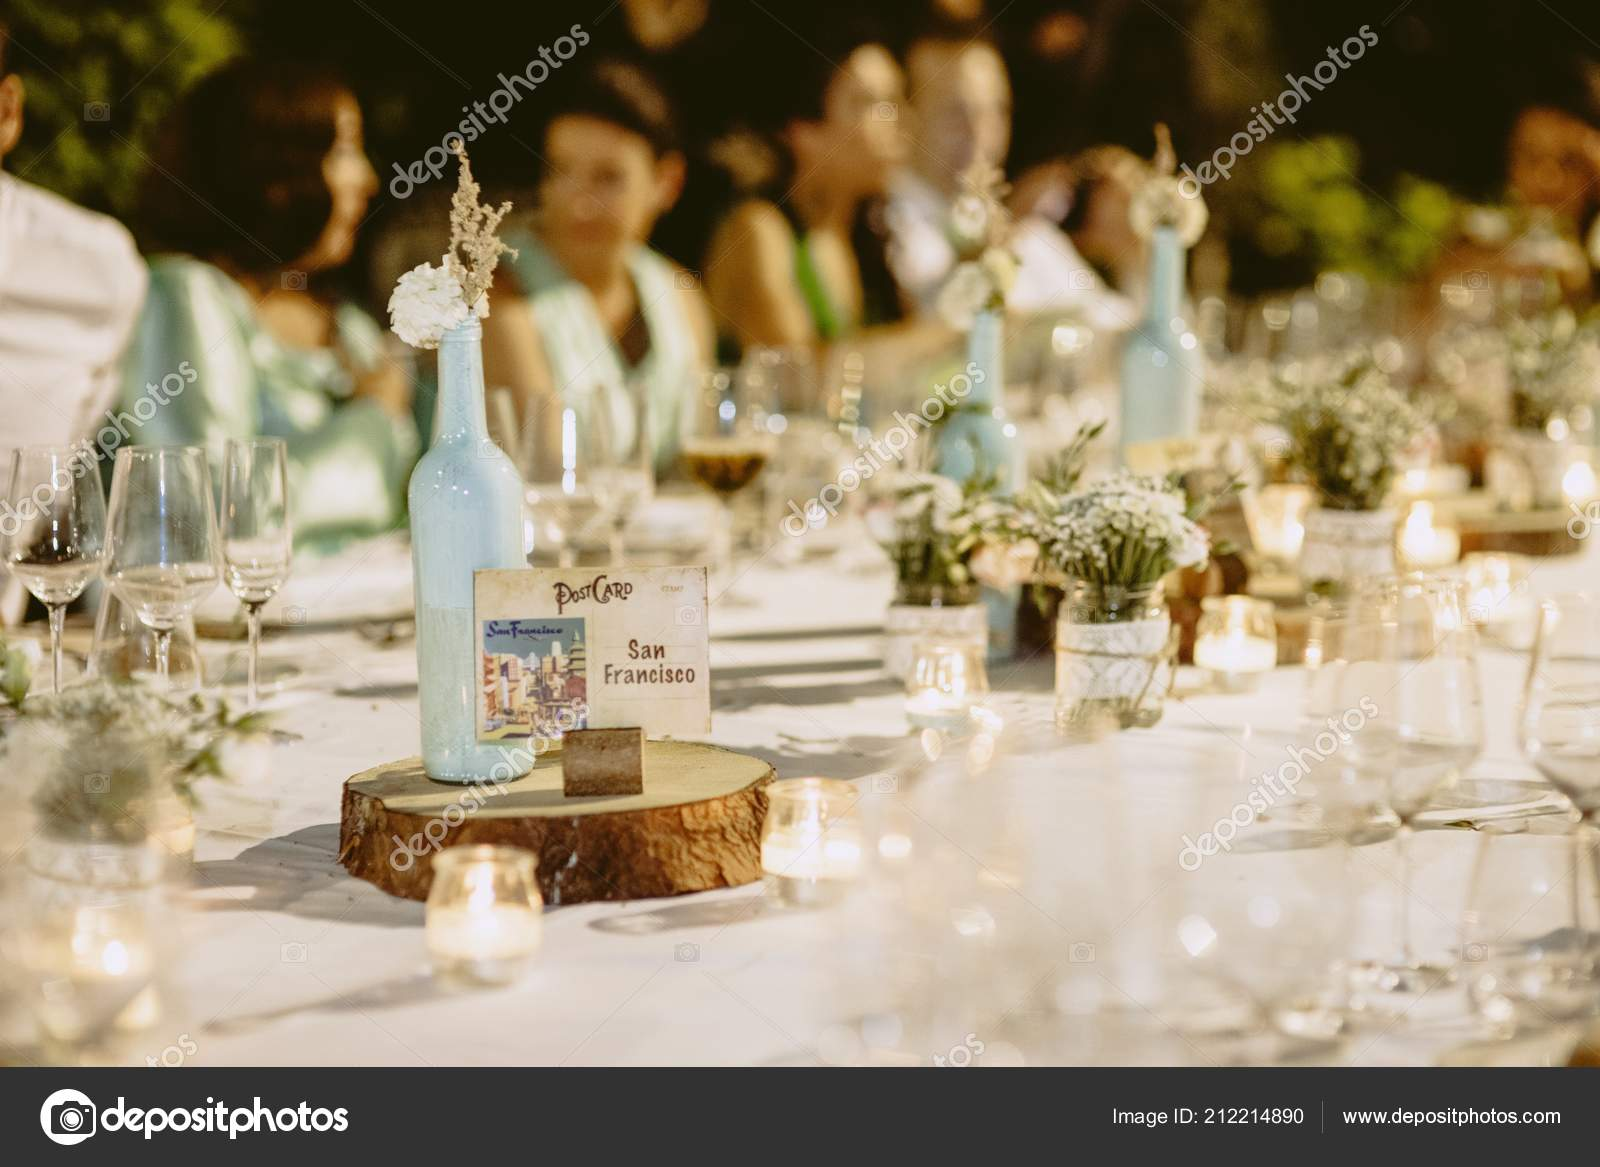 56f267060245 Διακόσμηση Από Κεντρικά Του Γάμου Μαχαιροπίρουνα Και Vintage Λεπτομέρειες–  Εκδοτικές Φωτογραφίες Αρχείου